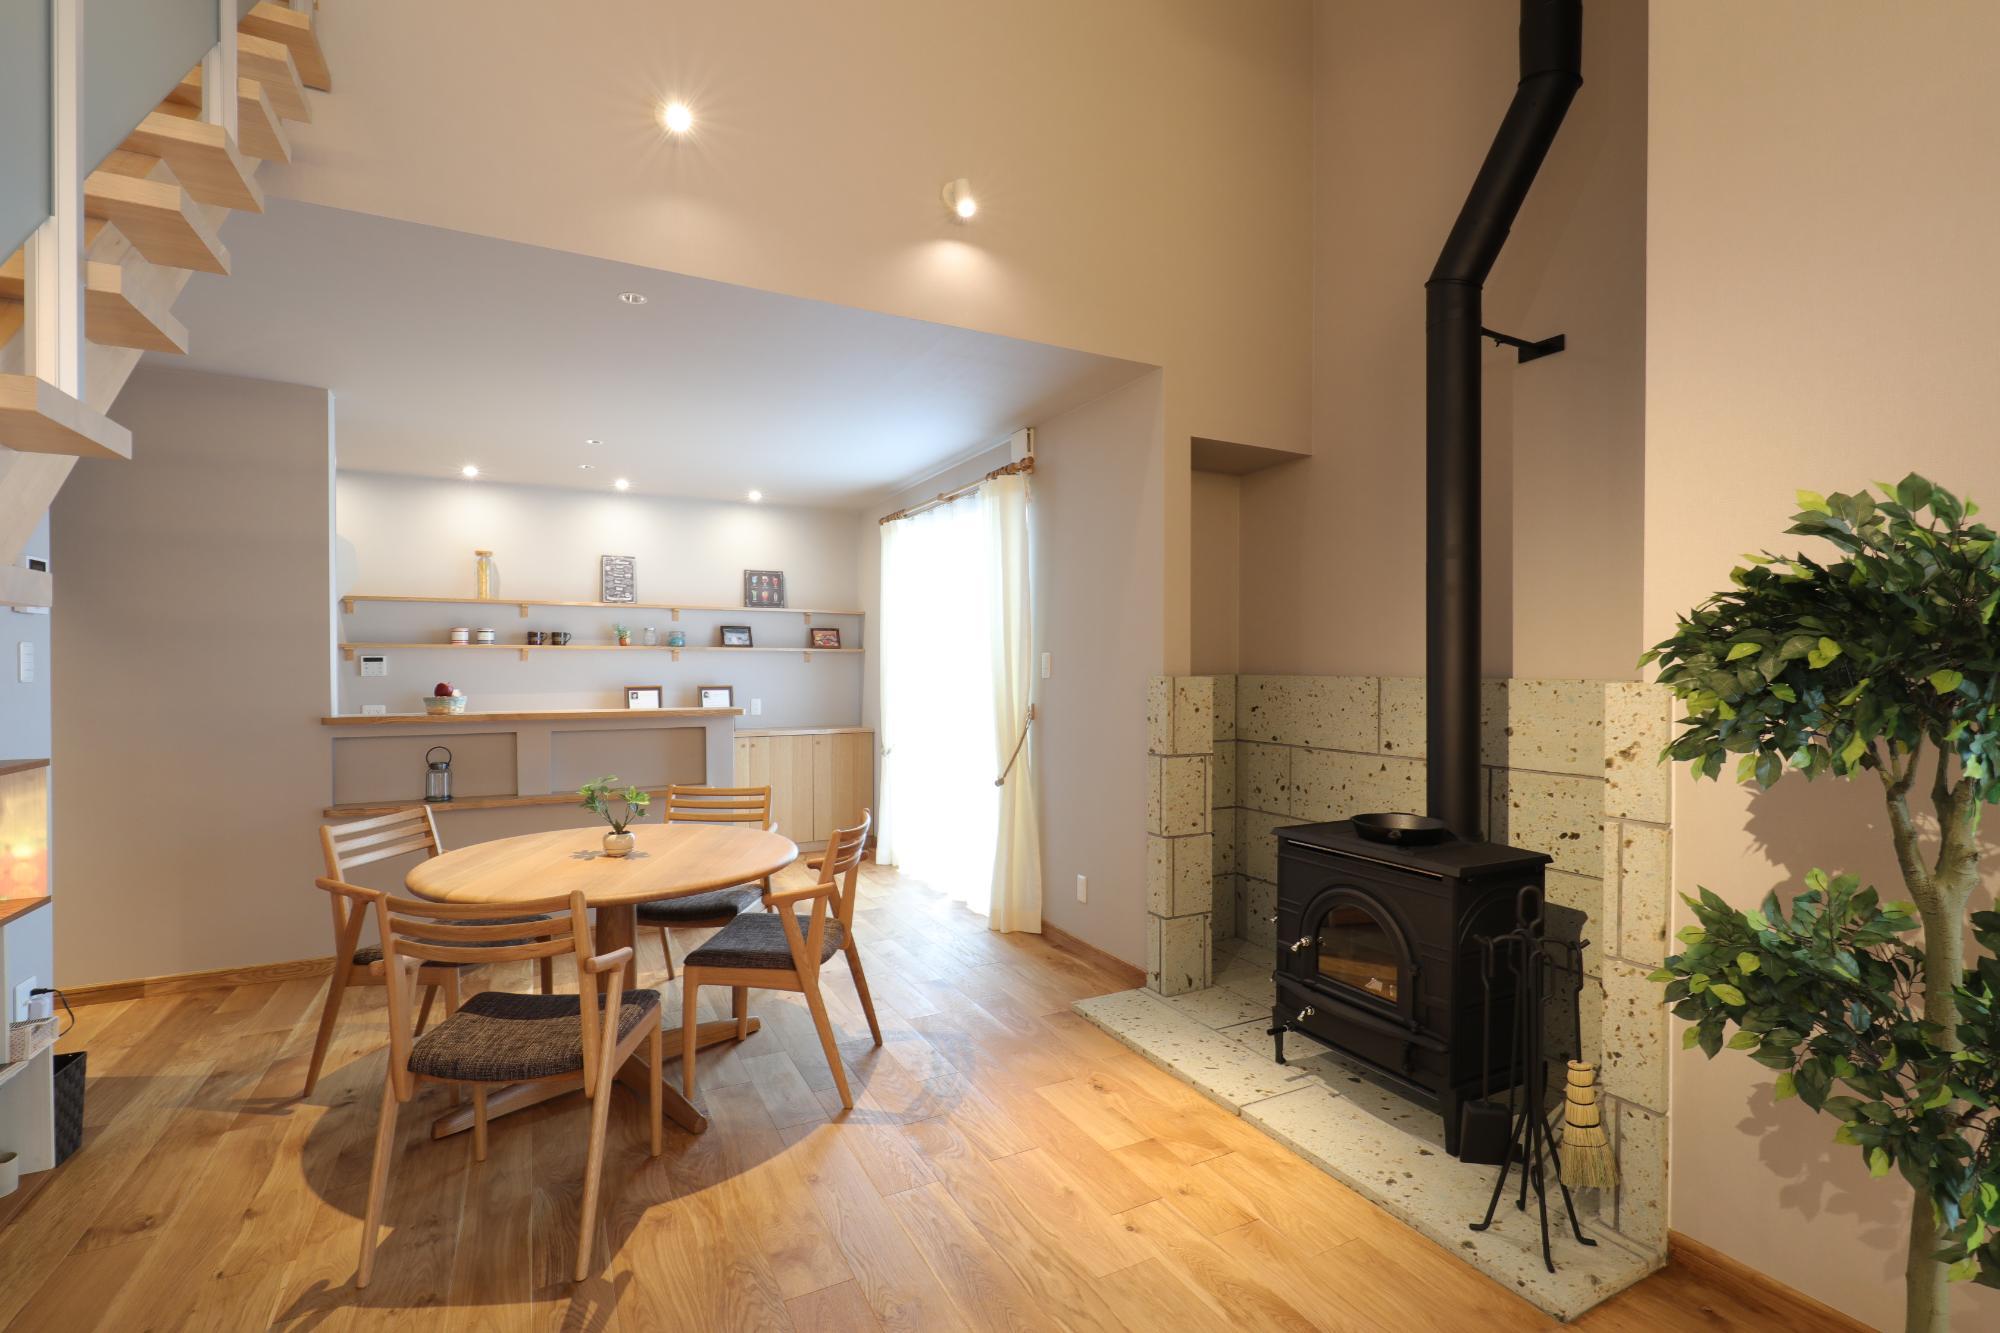 ロクワの家【株式会社 小野組 ライフビルダーグループ】「建築家と建てた家」のシンプル・ナチュラルなリビング・ダイニングの実例写真